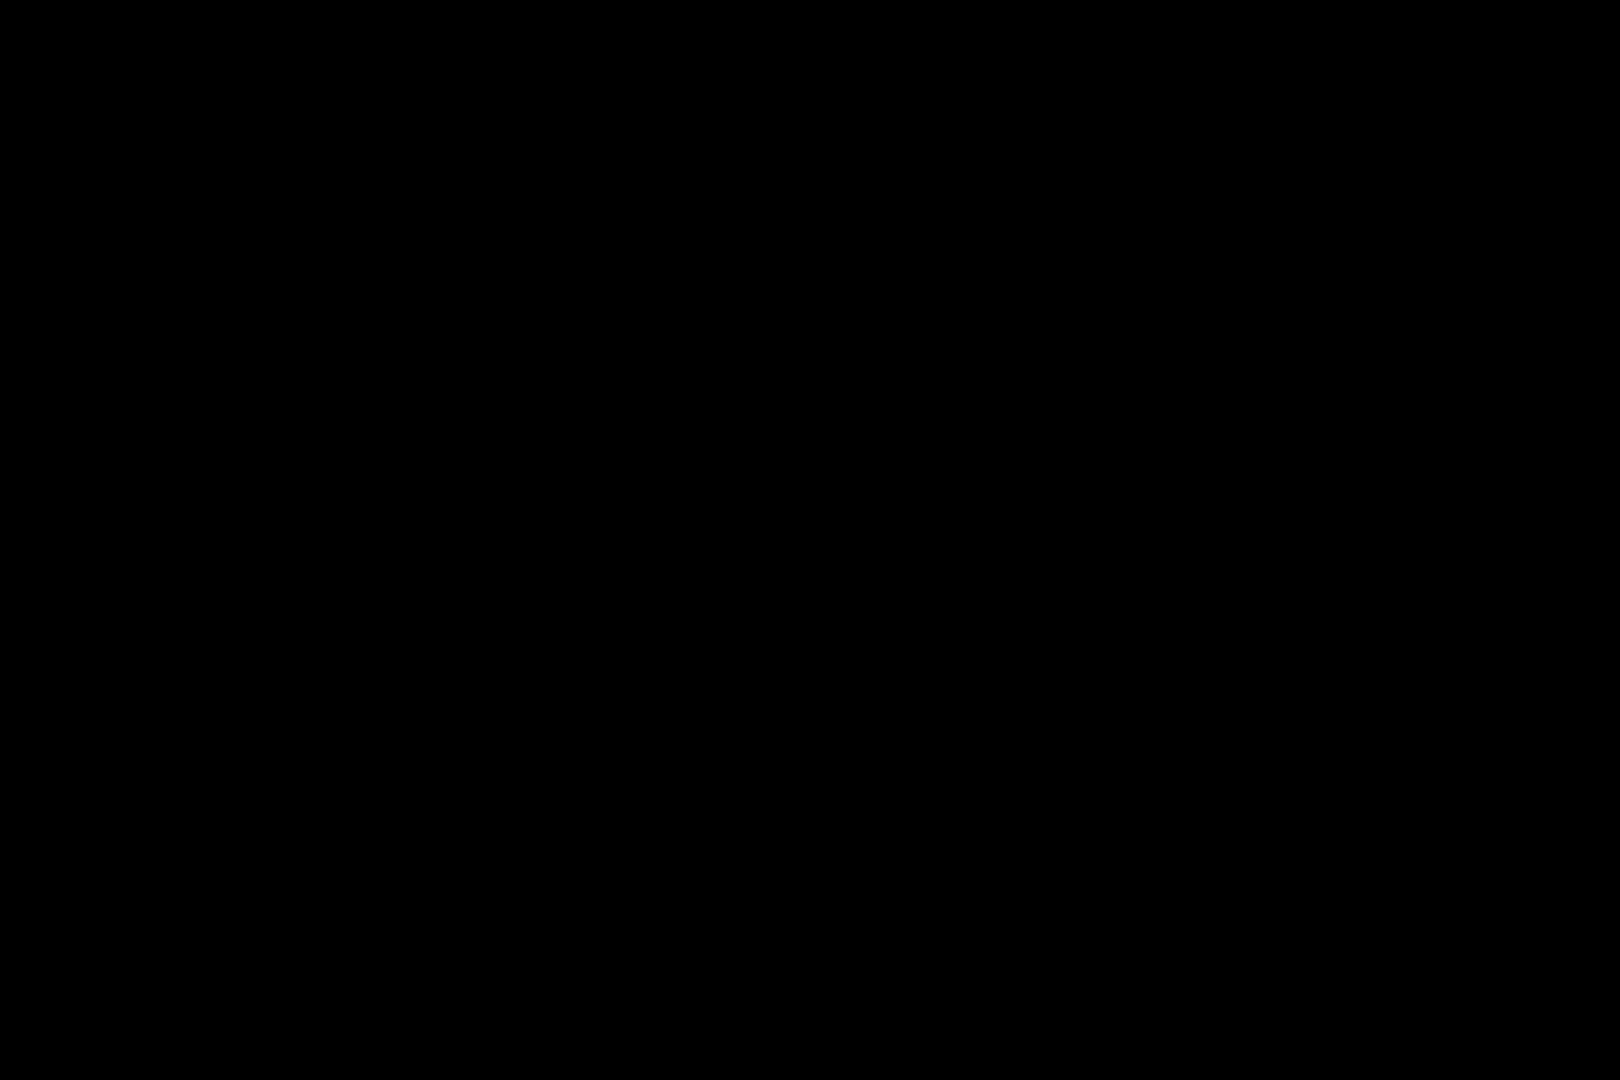 充血監督の深夜の運動会Vol.134 カップルのセックス | OLヌード天国  95PIX 10